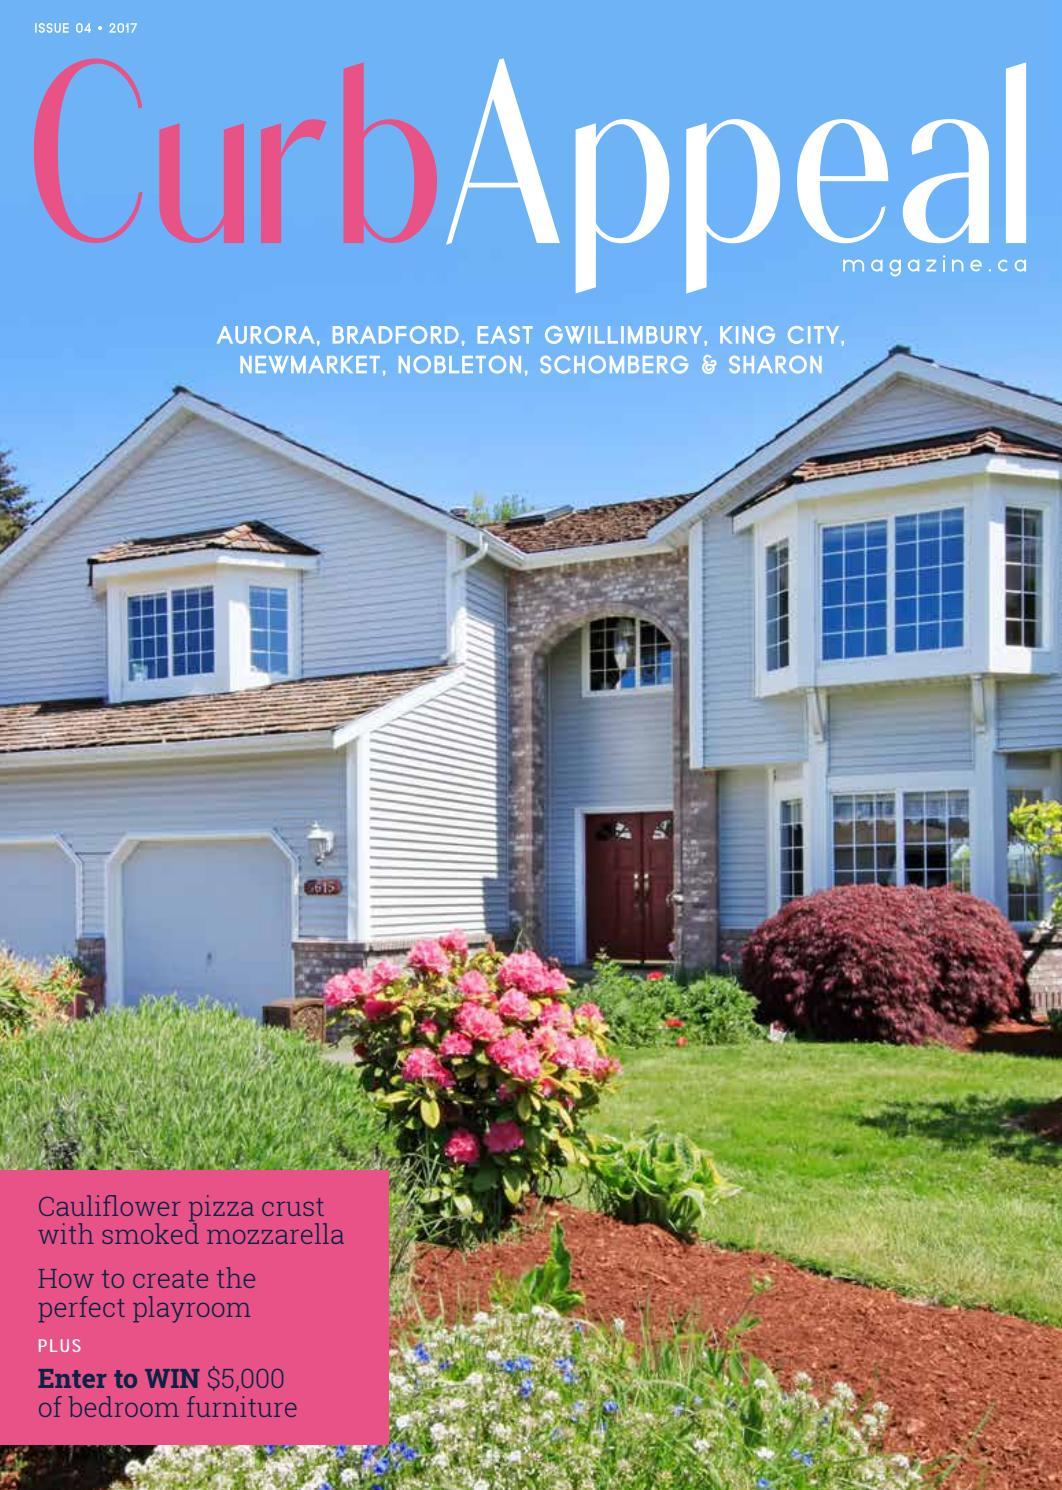 curb appeal magazine york region north april by thn media issuu